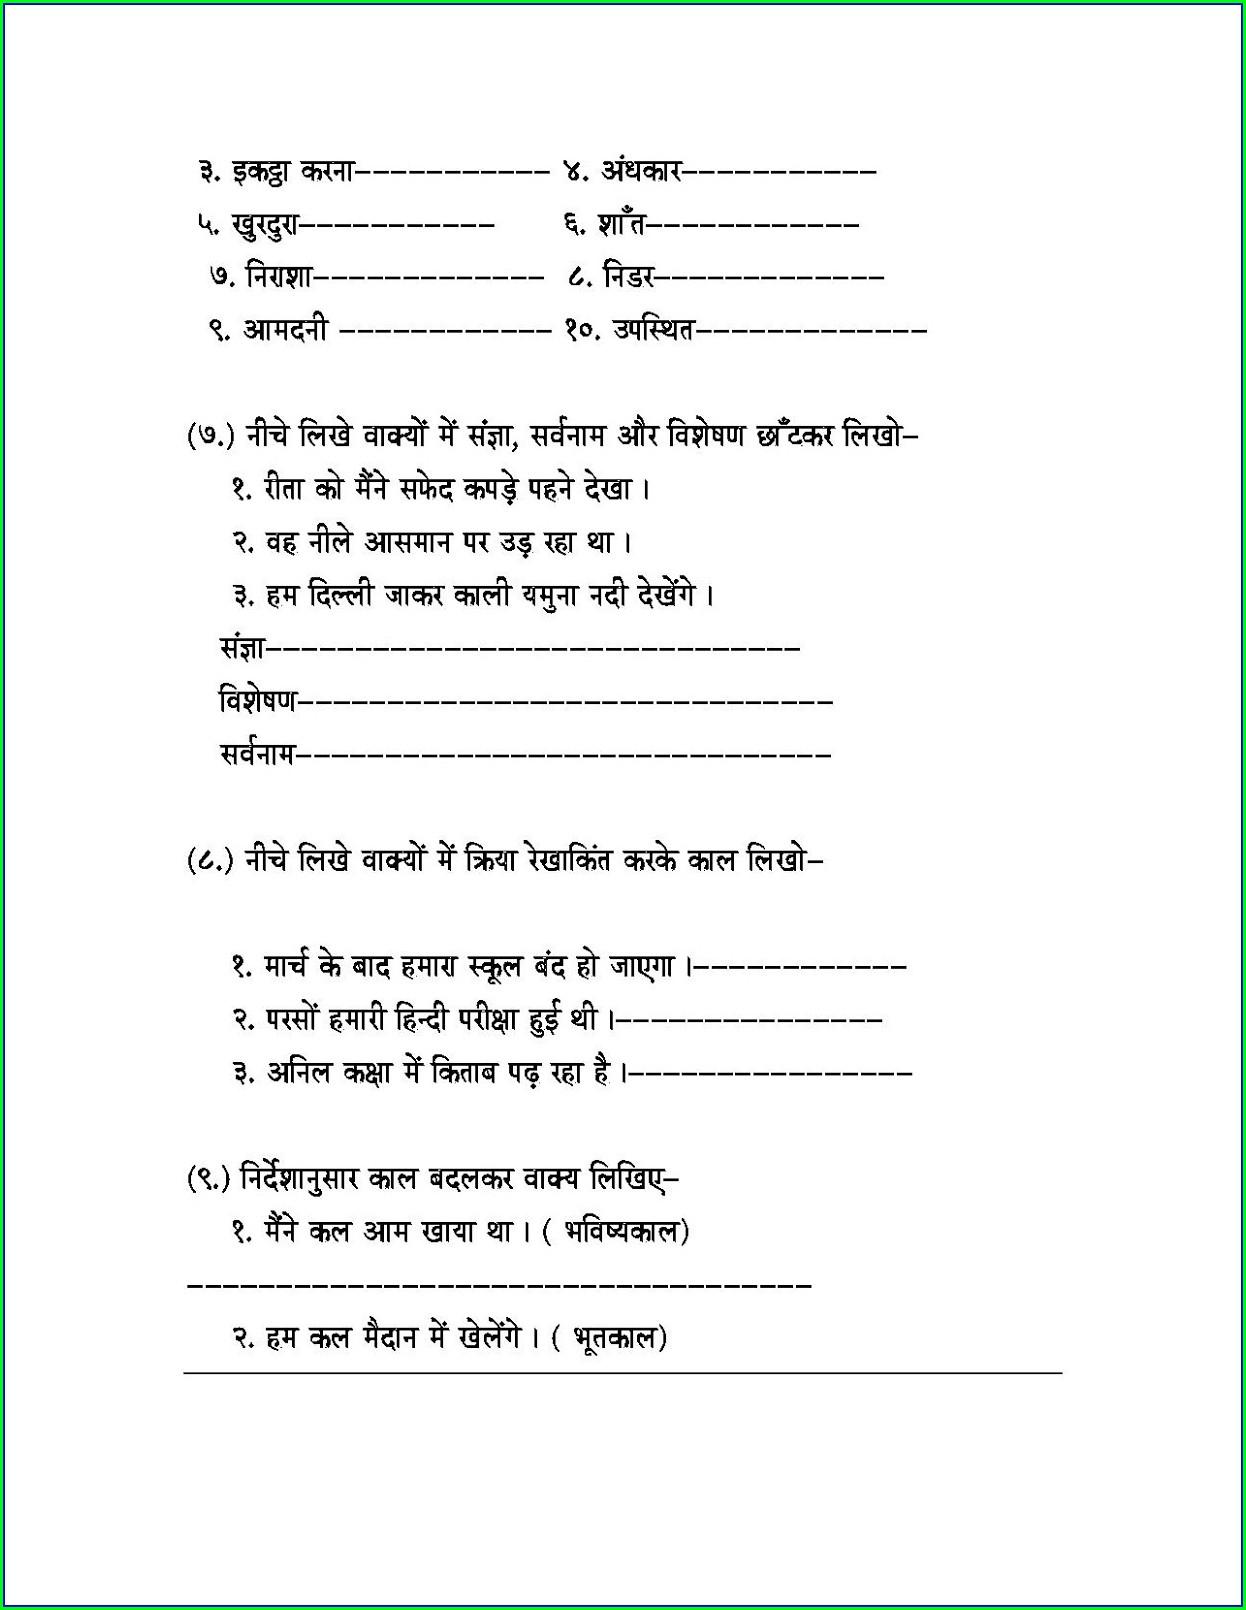 Printable Visheshan Worksheet For Class 3